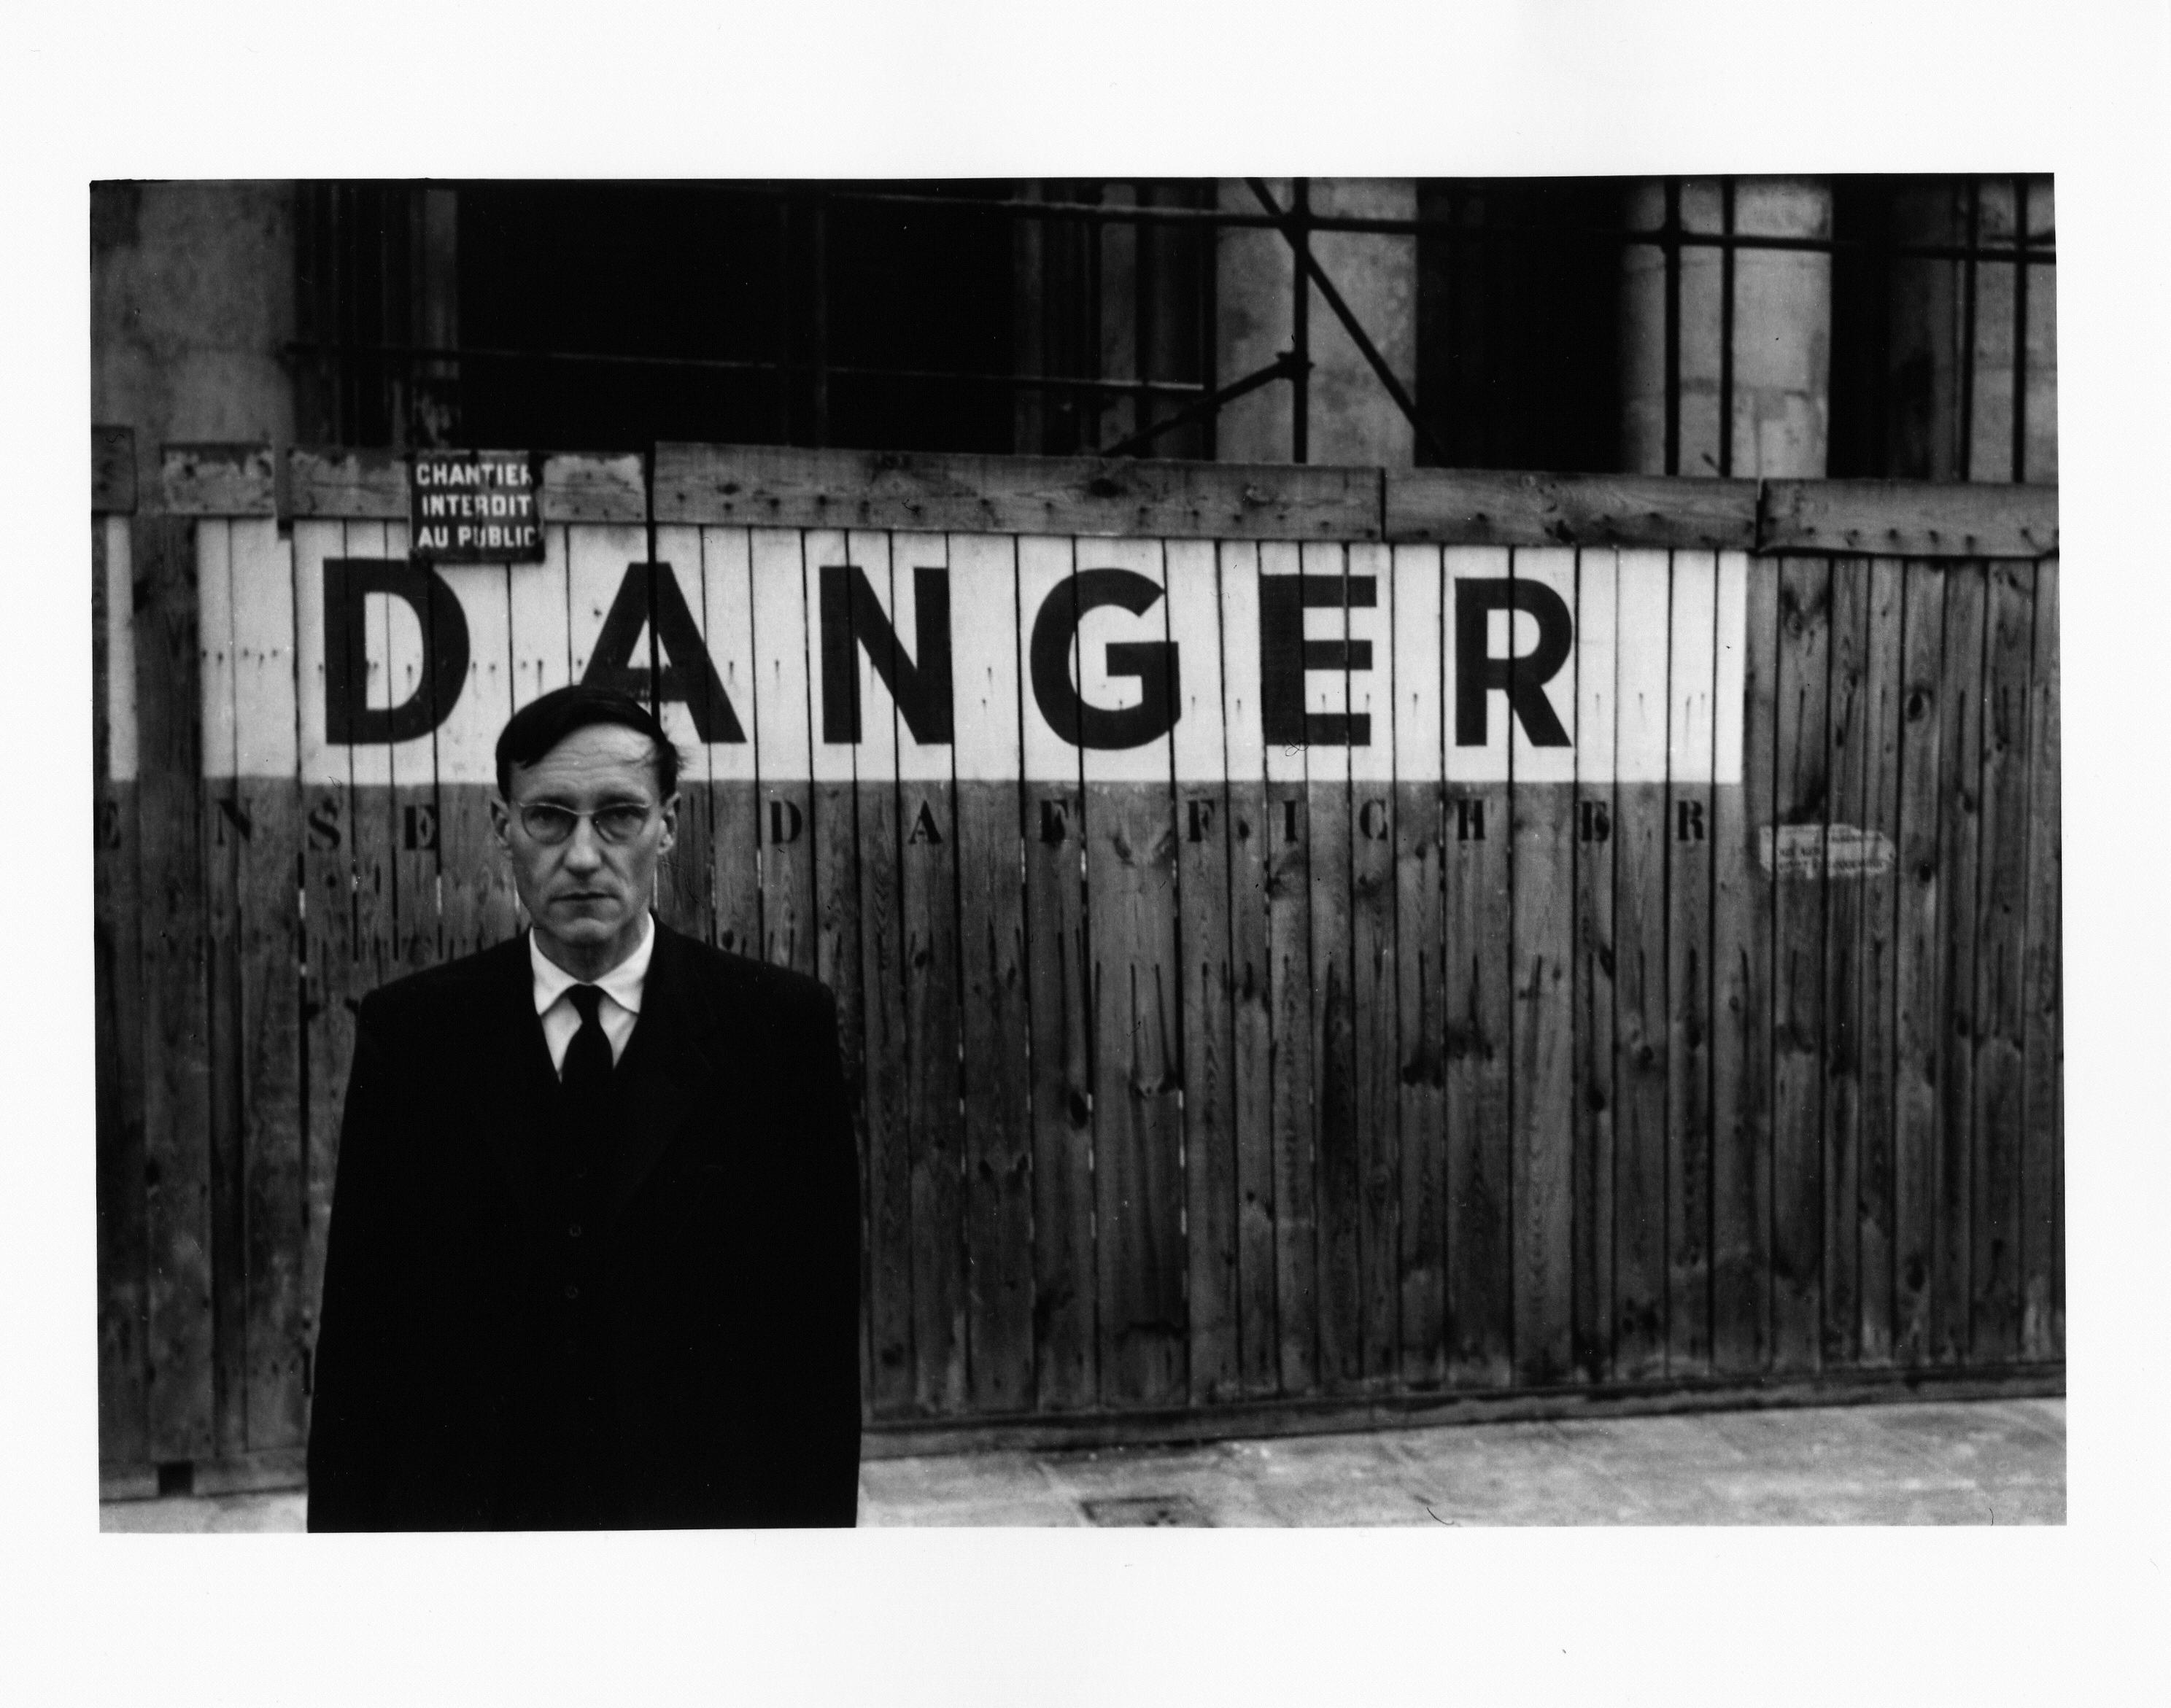 2. kép 'Danger' (Veszély) - William S. Burroughs portréja a Théâtre Odéon előtt, Párizs, 1959. A Barry Miles Archive jóvoltából © Fotó: Brion Gysin, Meztelen ebéd sorozat, Párizs, 1959. október